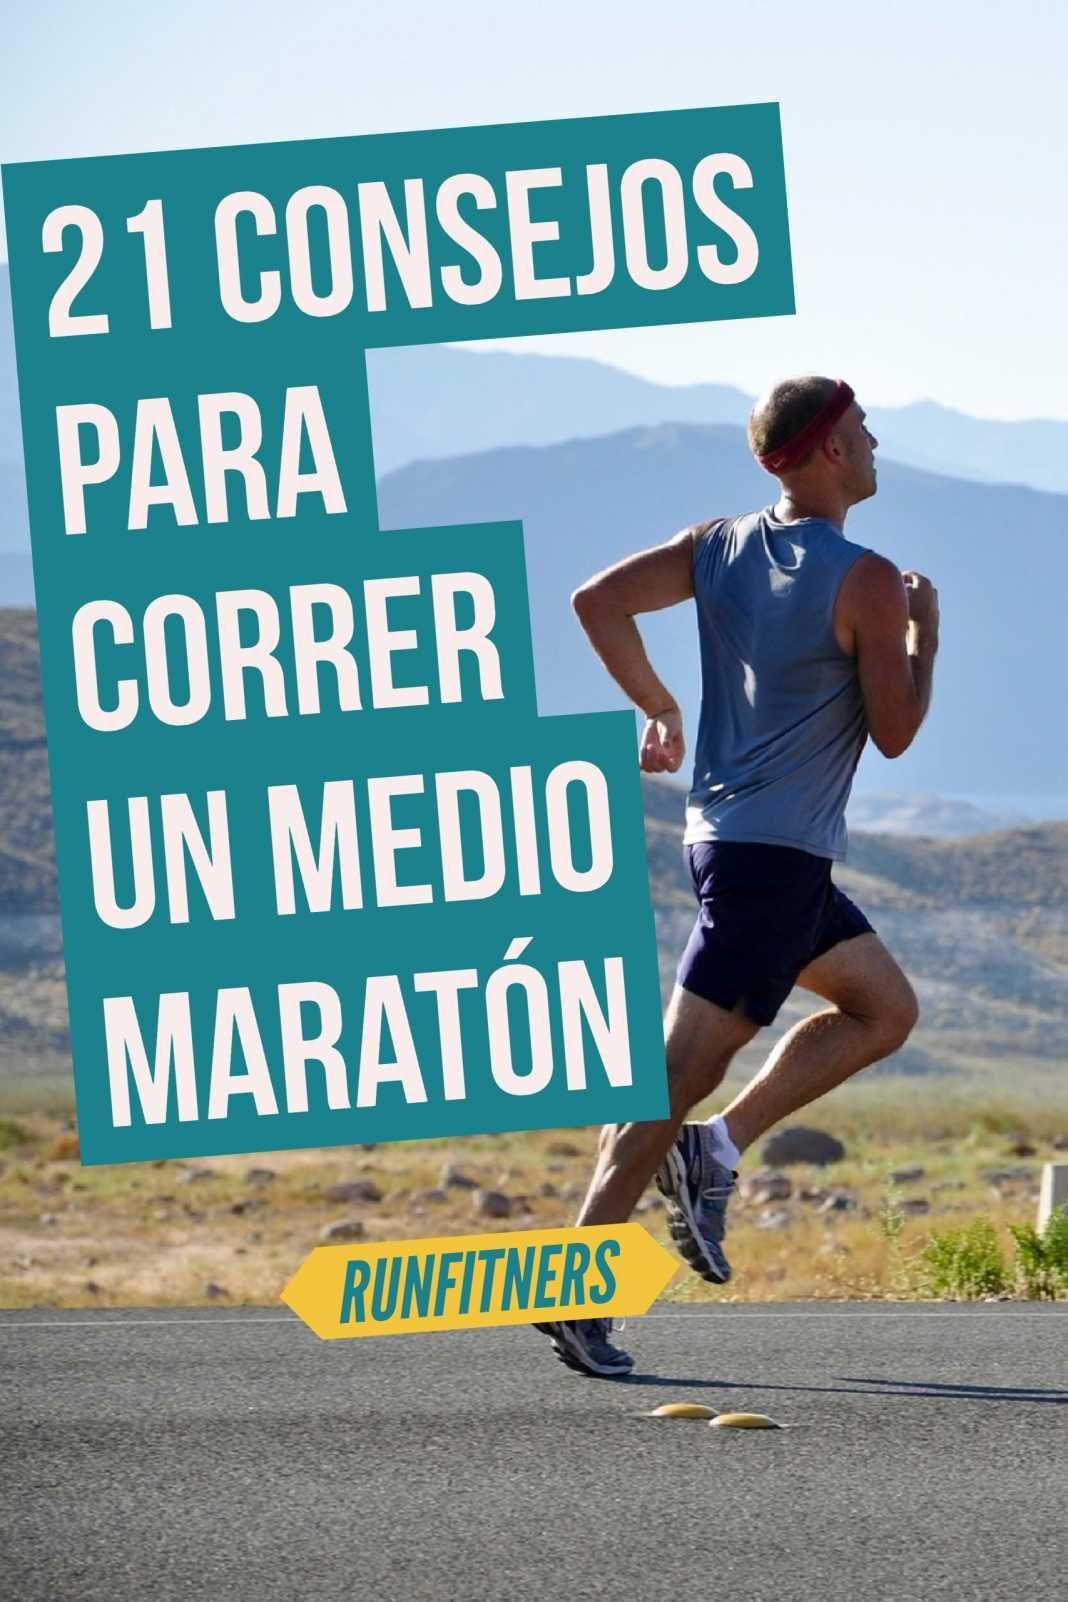 21 Tips Para Preparar Y Correr Una Media Maratón Video Running Workouts Running Fitness